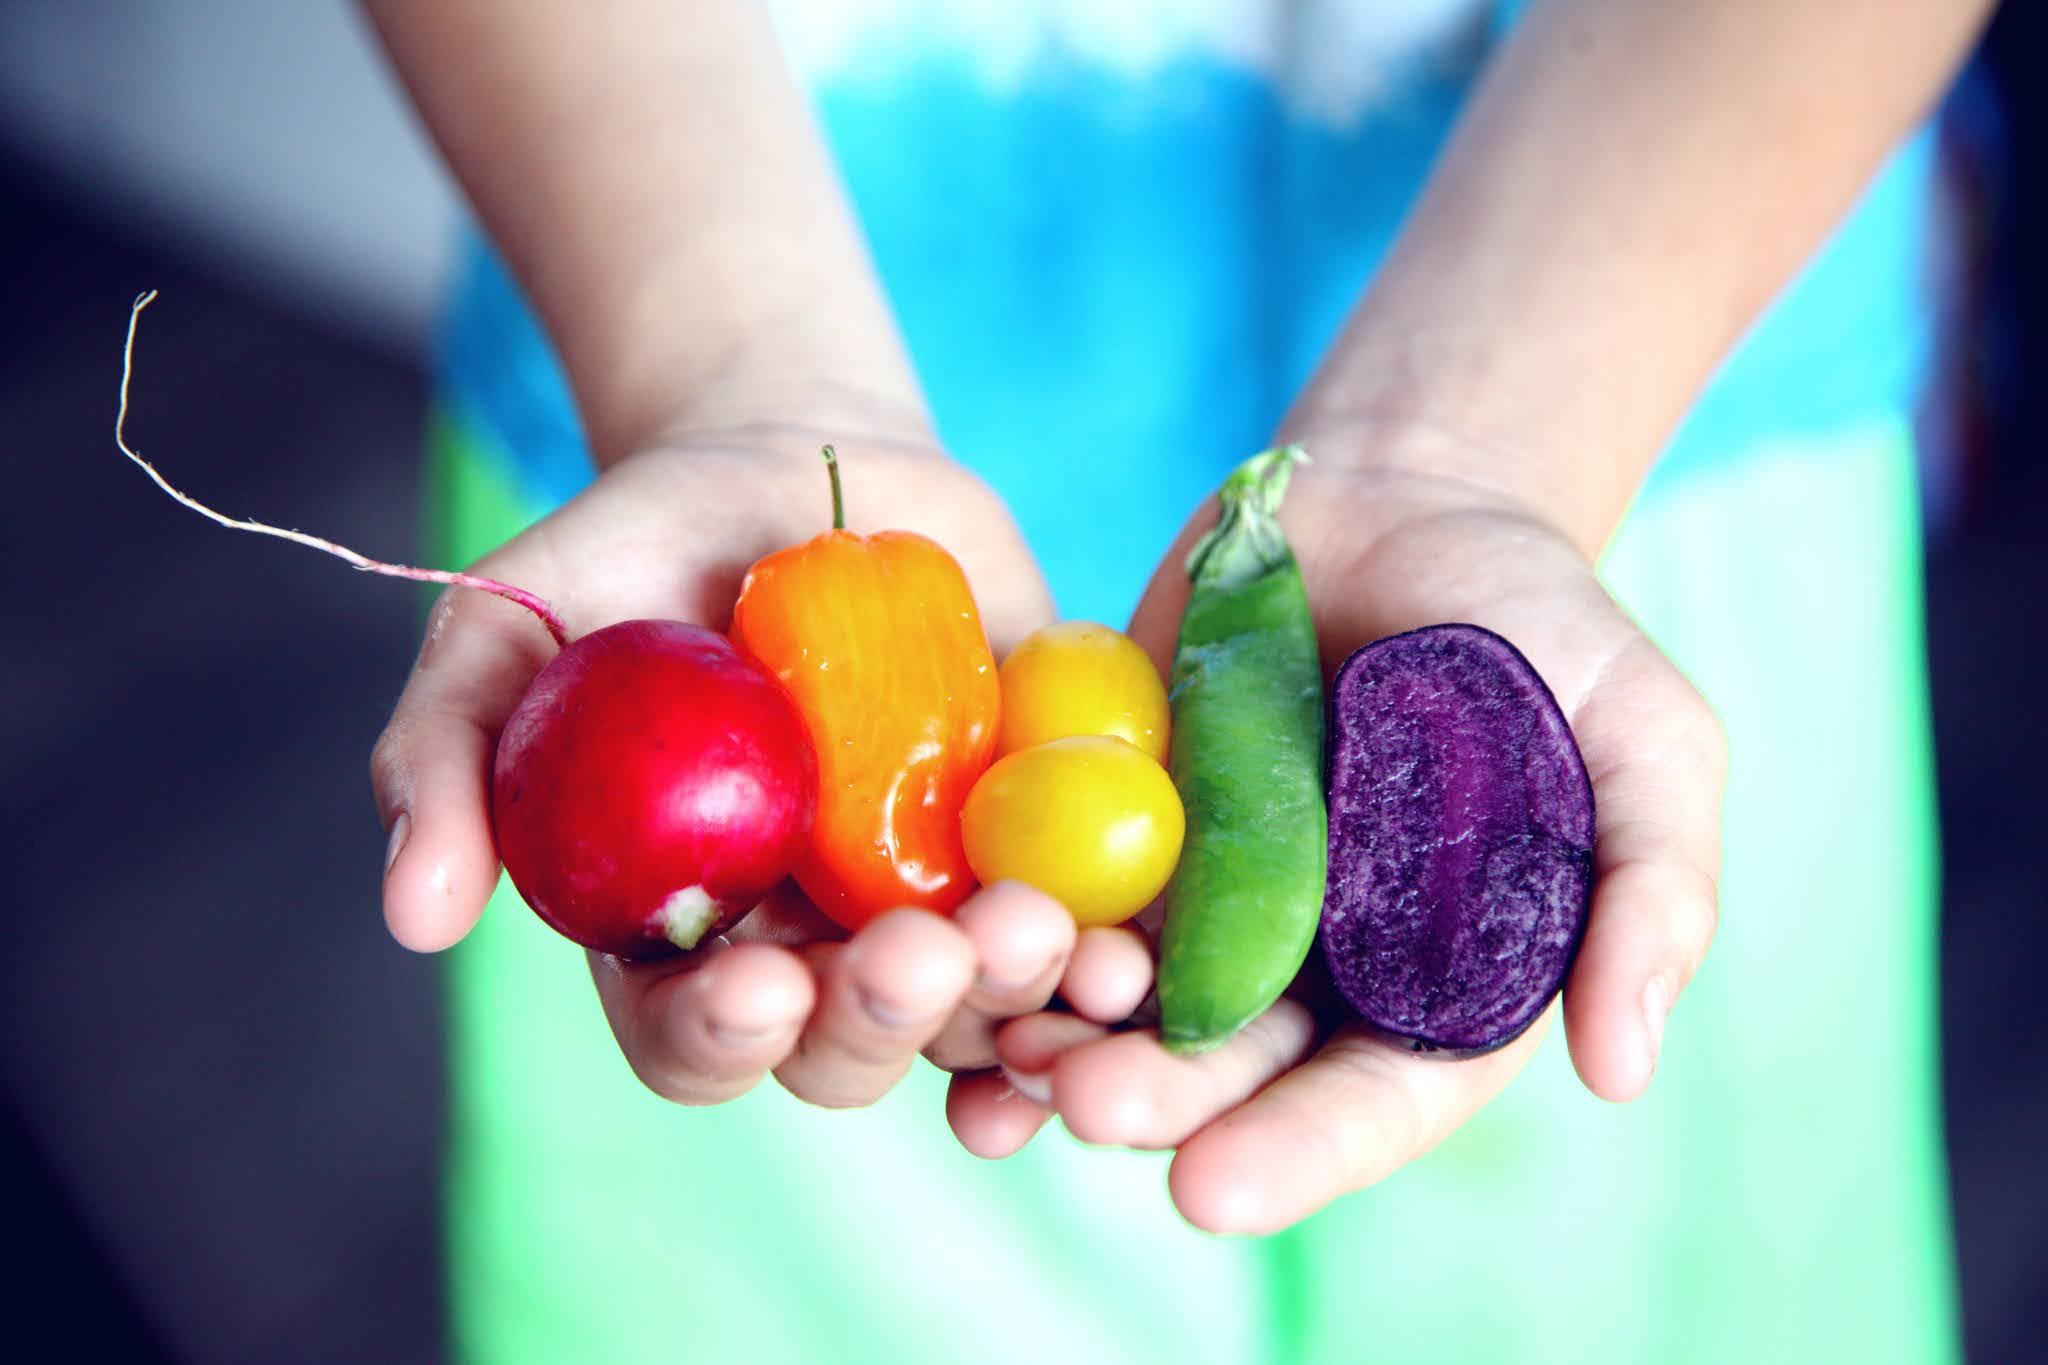 النظام الغذائي للنقرس لخفض حمض اليوريك